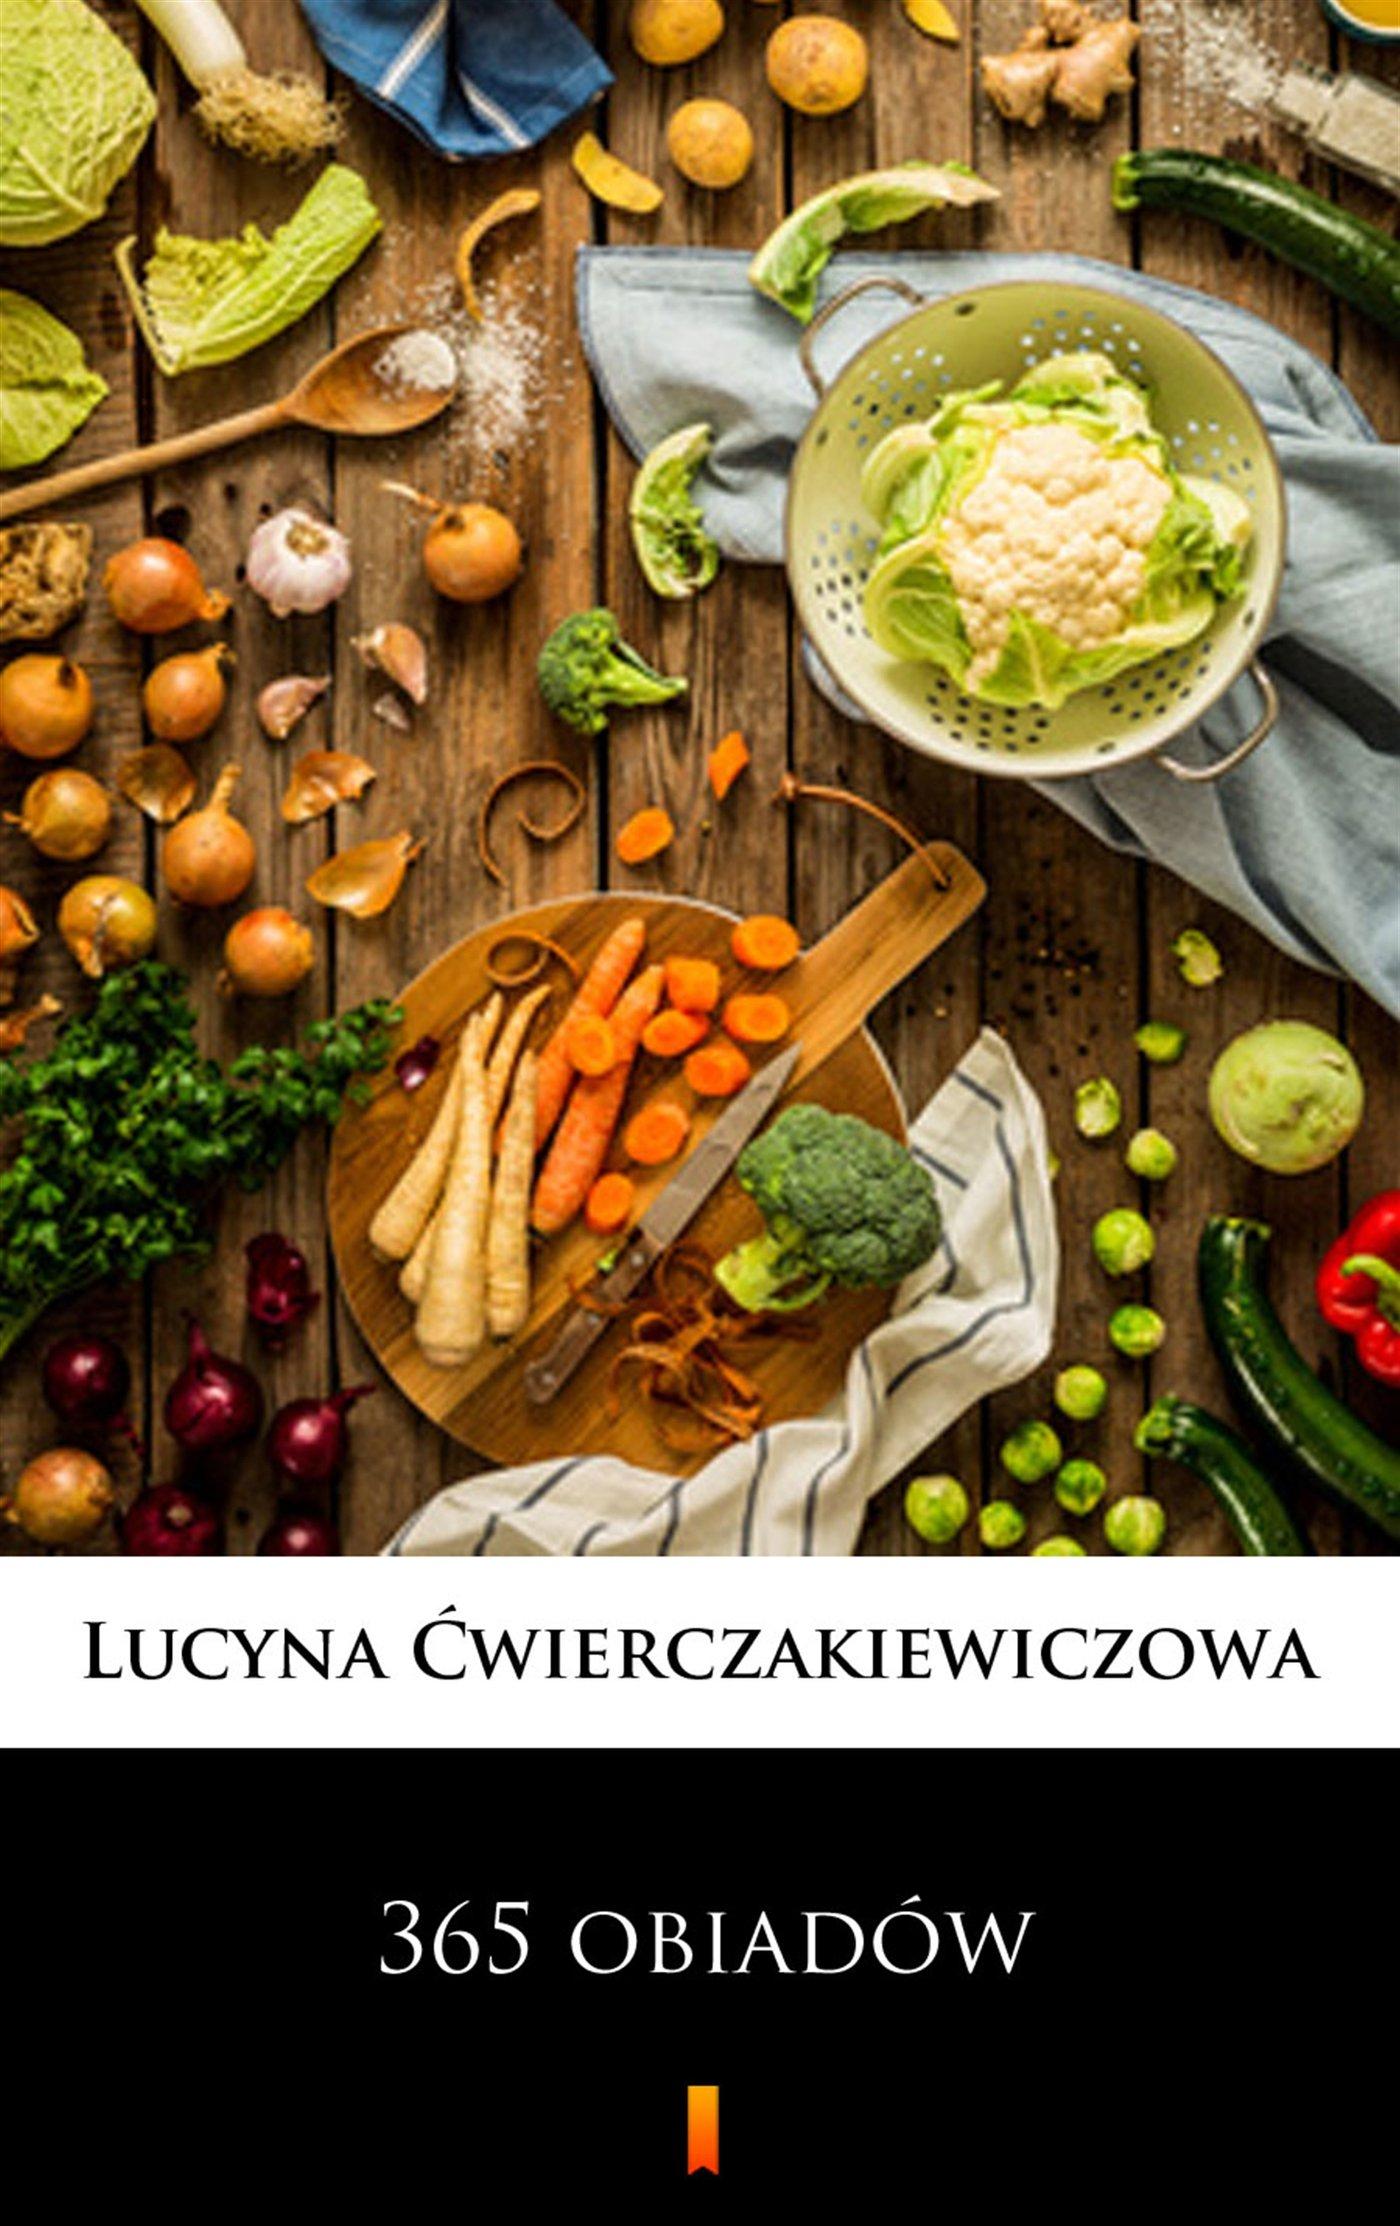 365 obiadów - Ebook (Książka EPUB) do pobrania w formacie EPUB